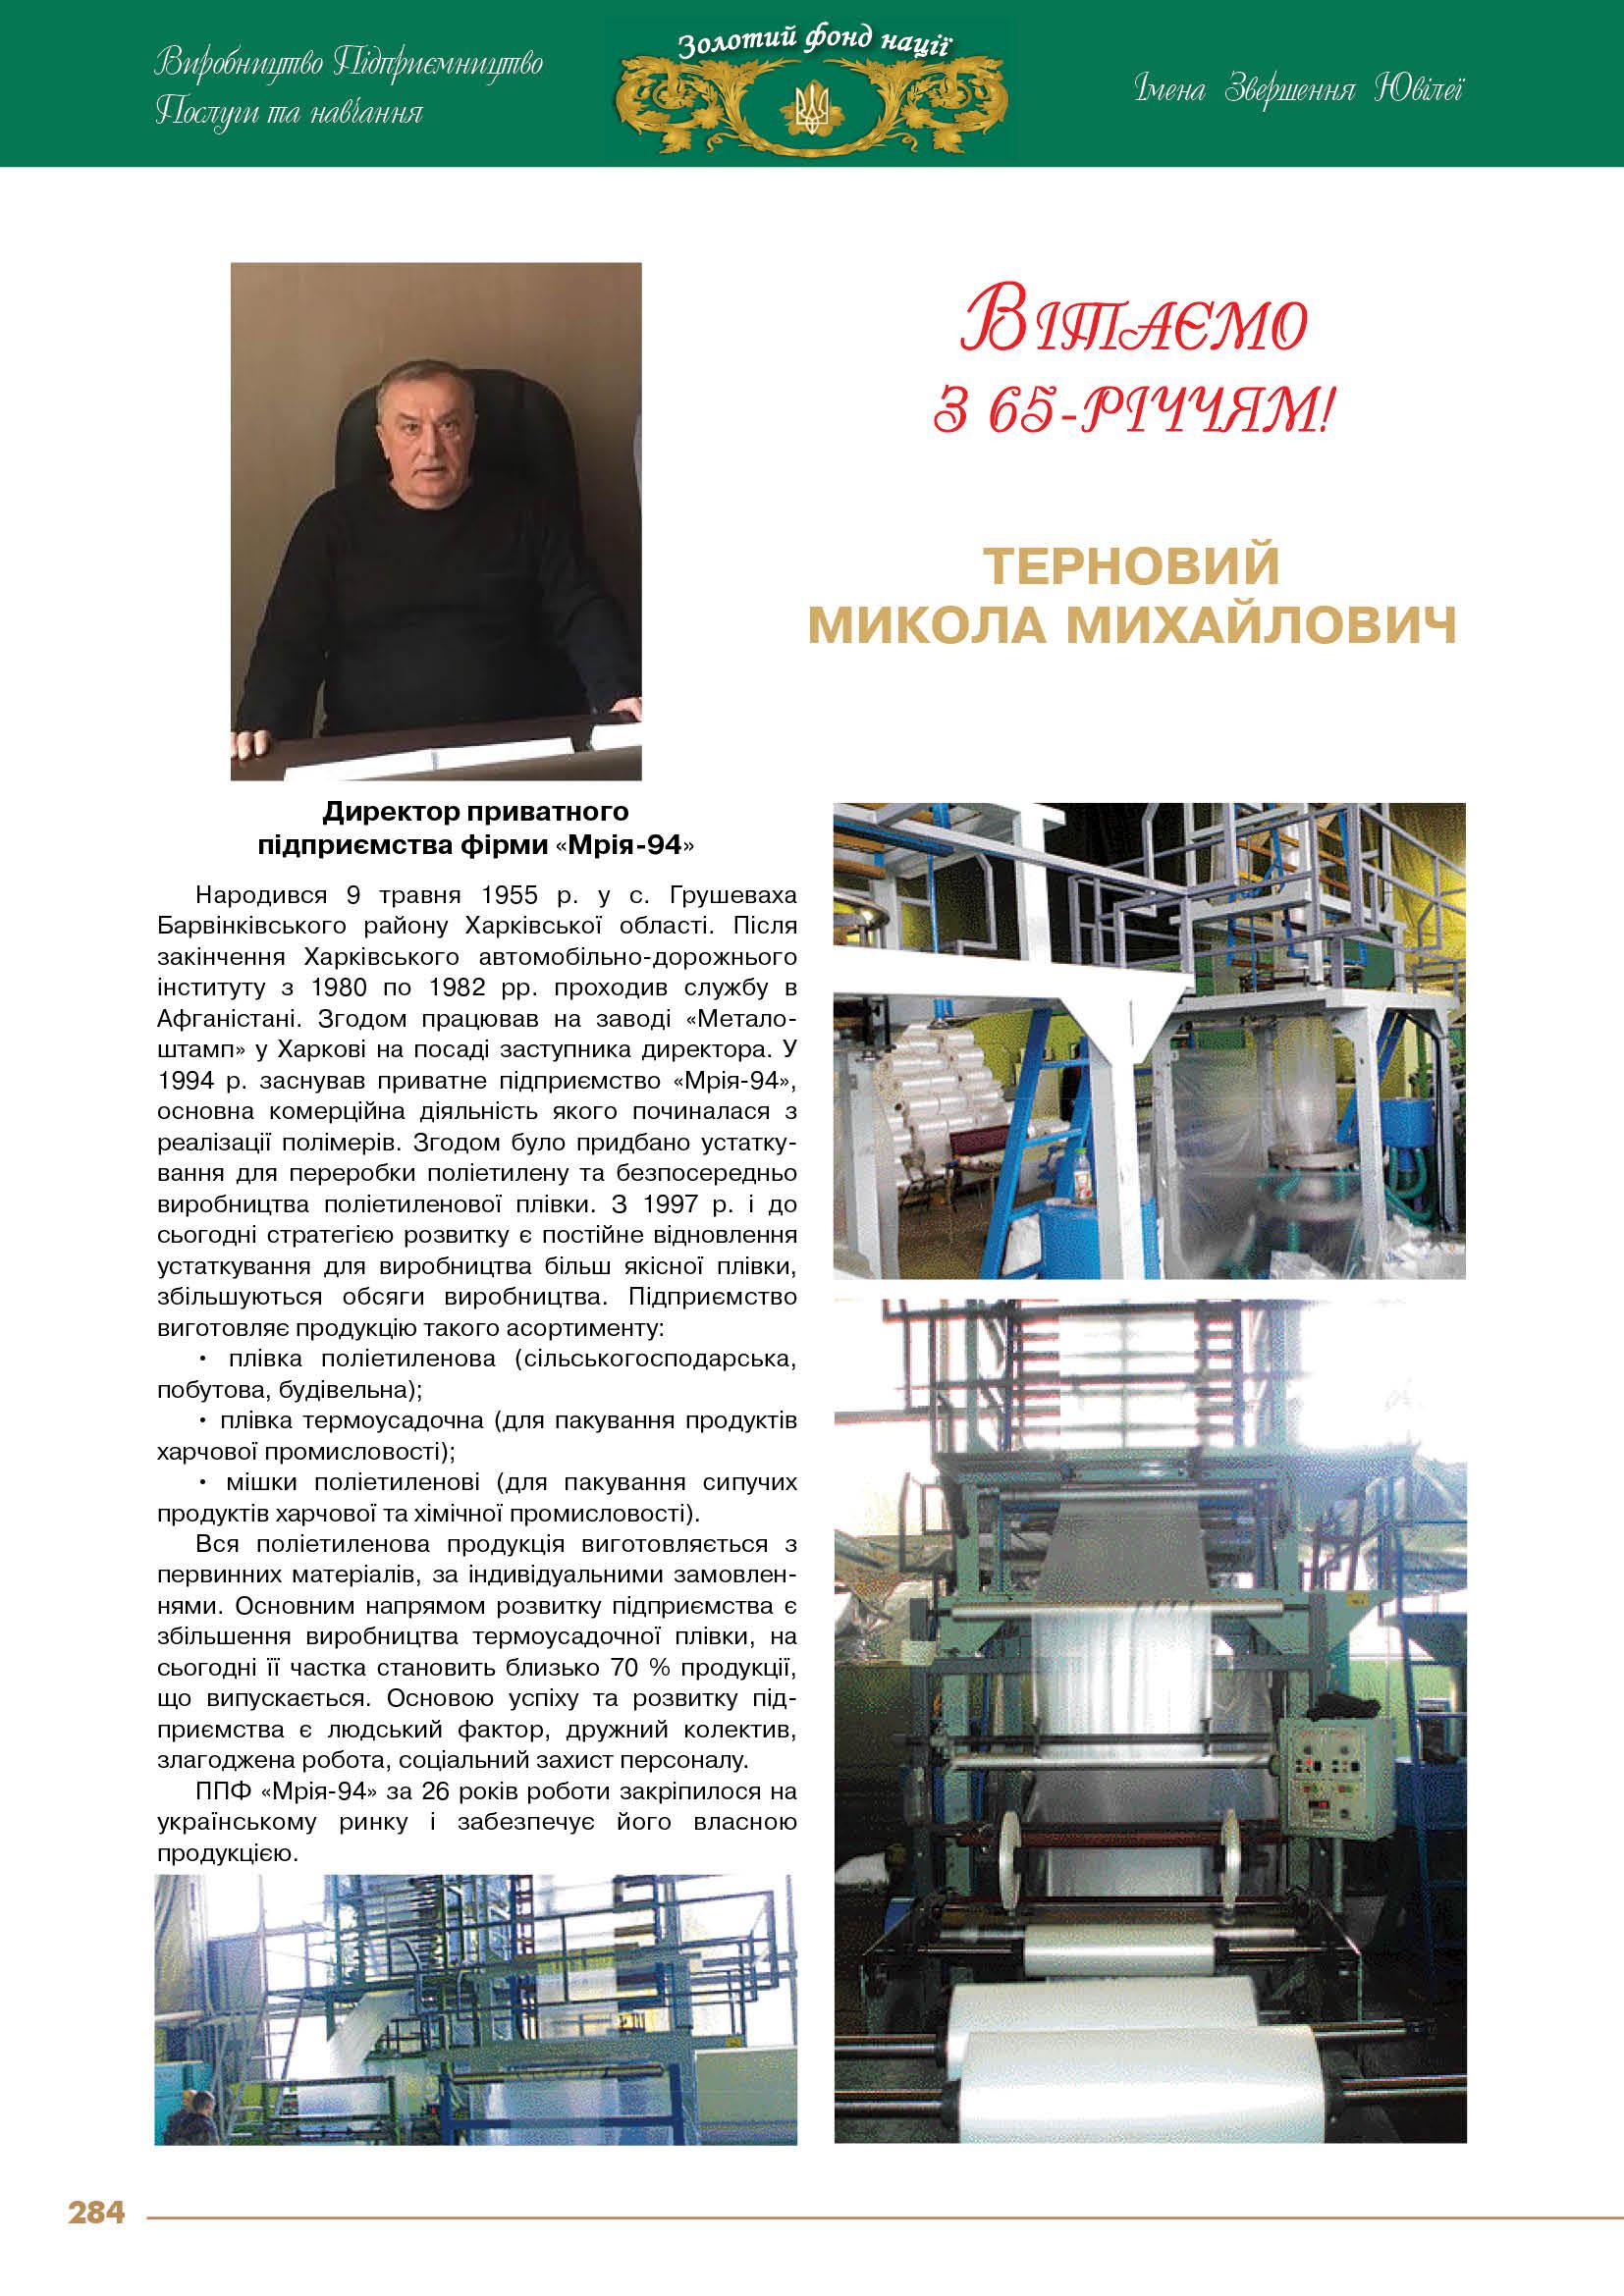 Терновий Микола Михайлович